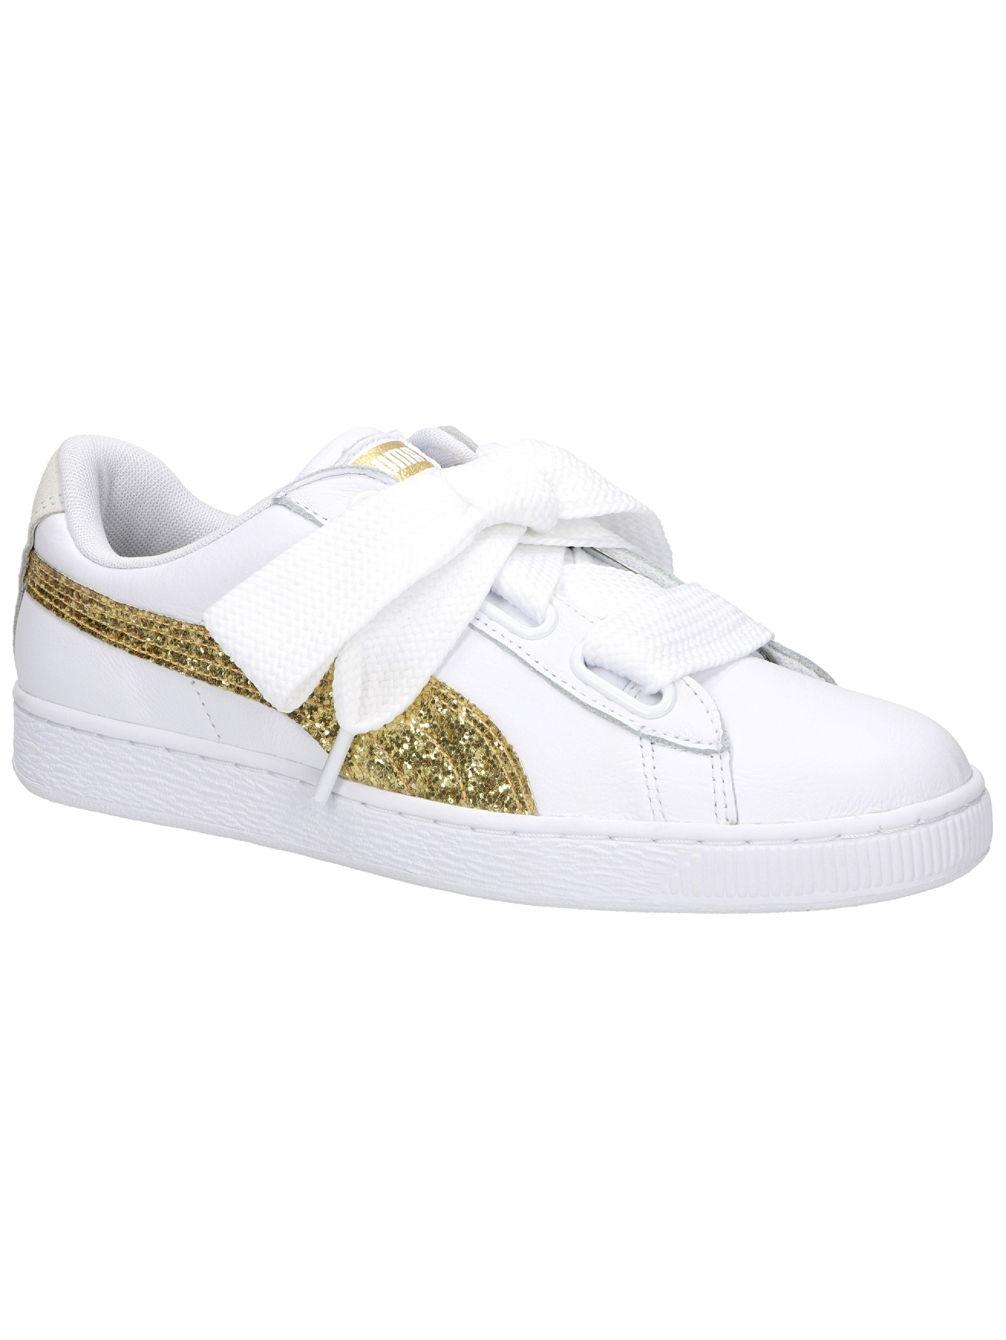 985c33082c9 Buy Puma Basket Heart Glitter Wn s Sneakers Women online at blue ...